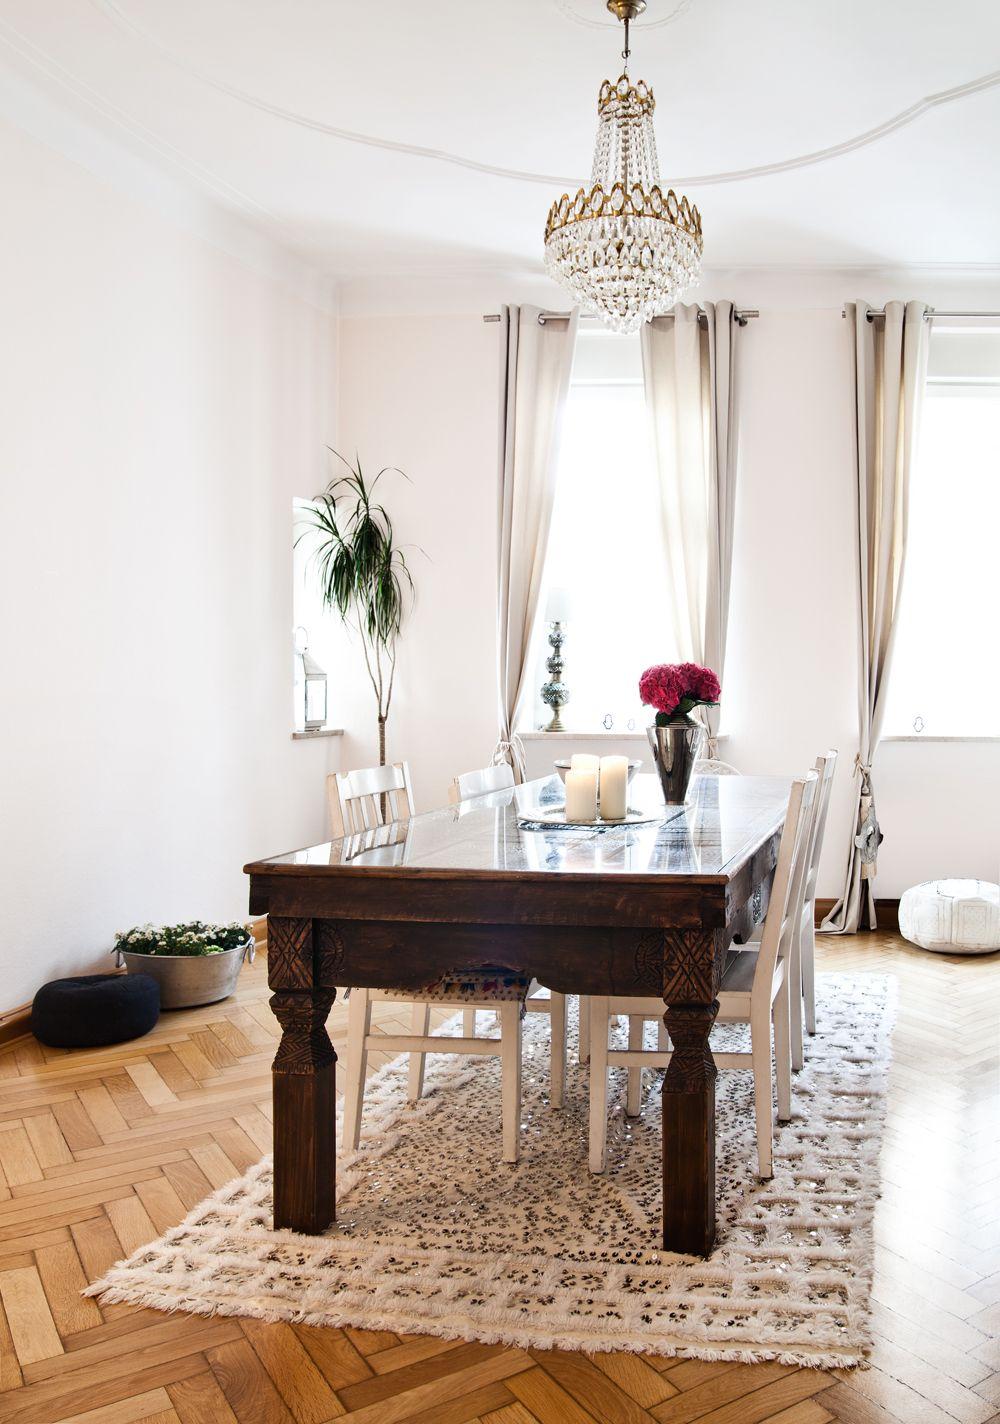 Zuhause im BohoStyle WESTWING Zuhause, Wohnen und